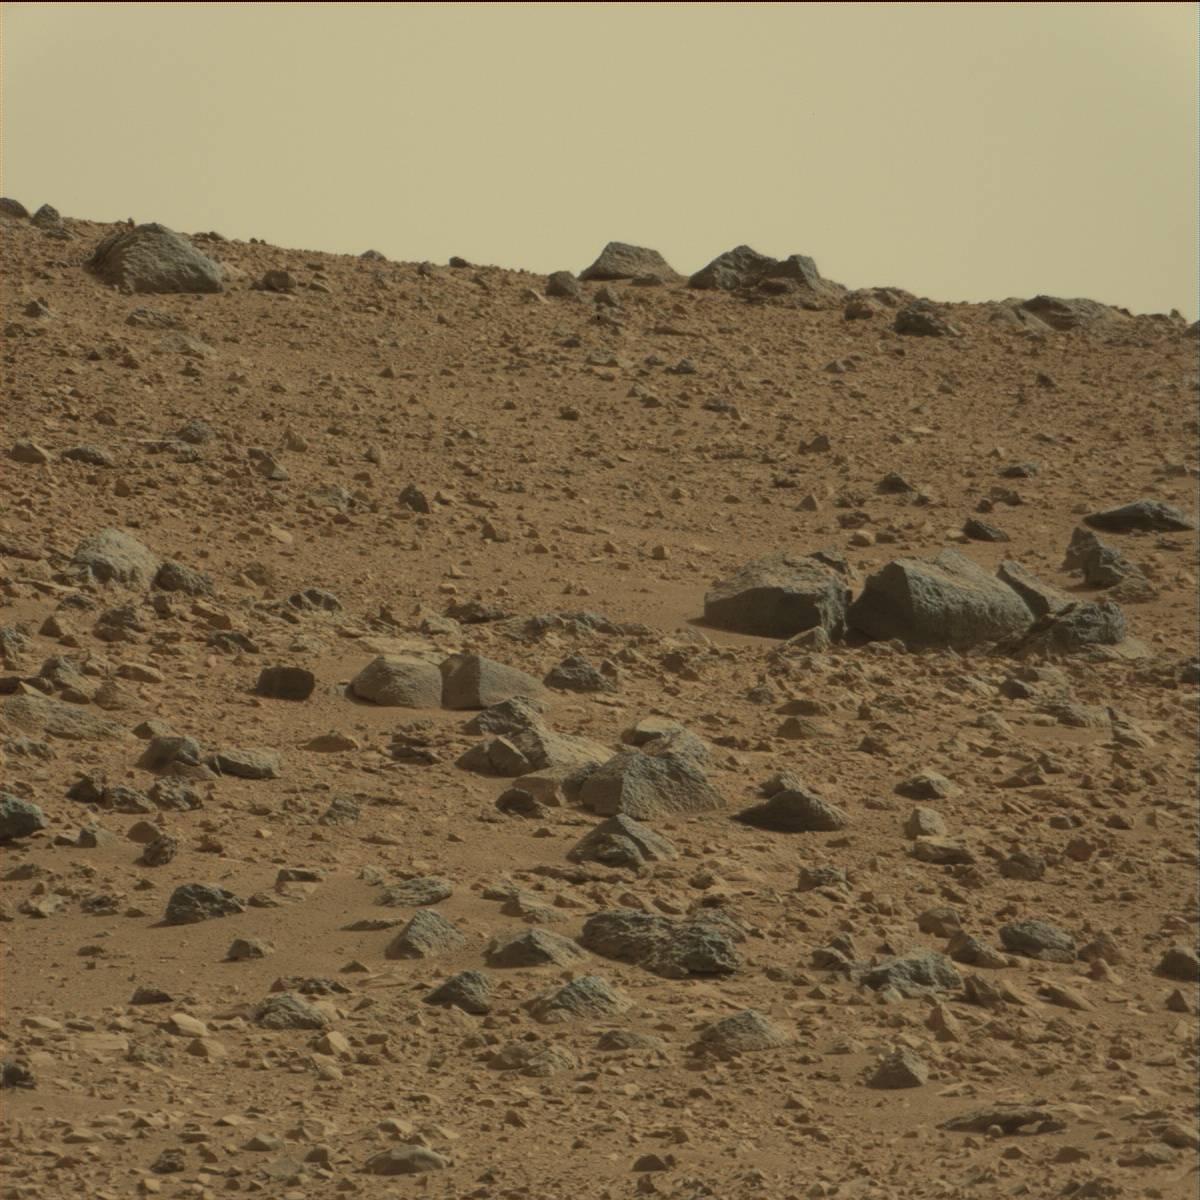 rover 75 mars - photo #23